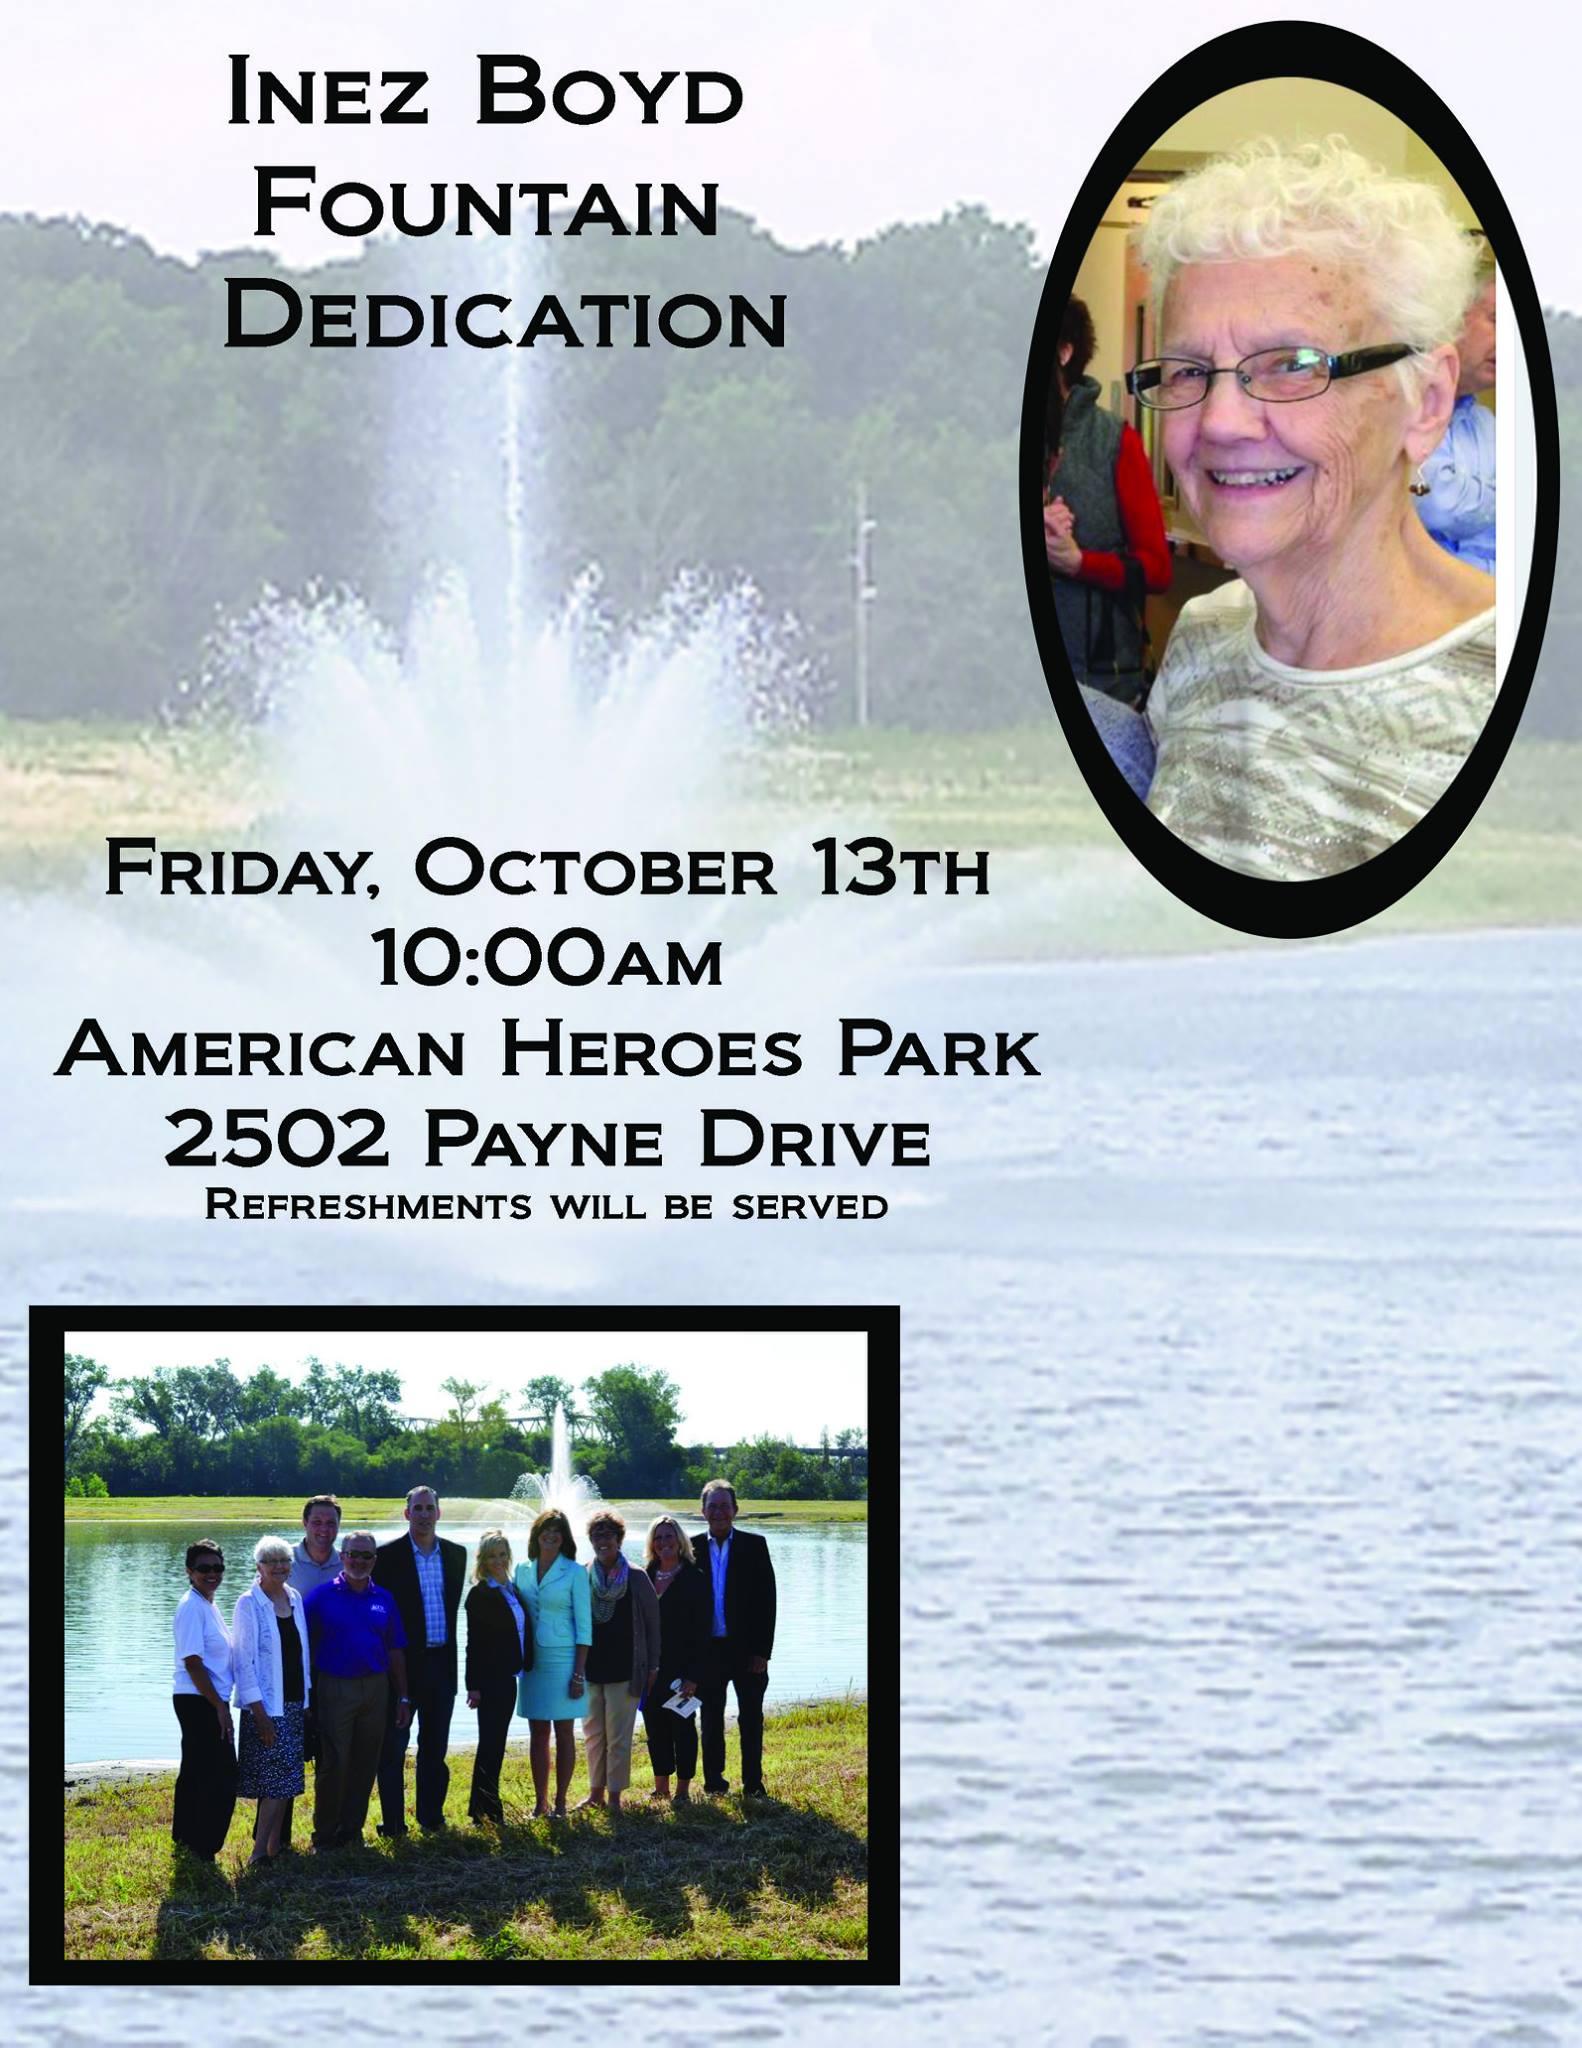 Inez Boyd Fountain Dedication